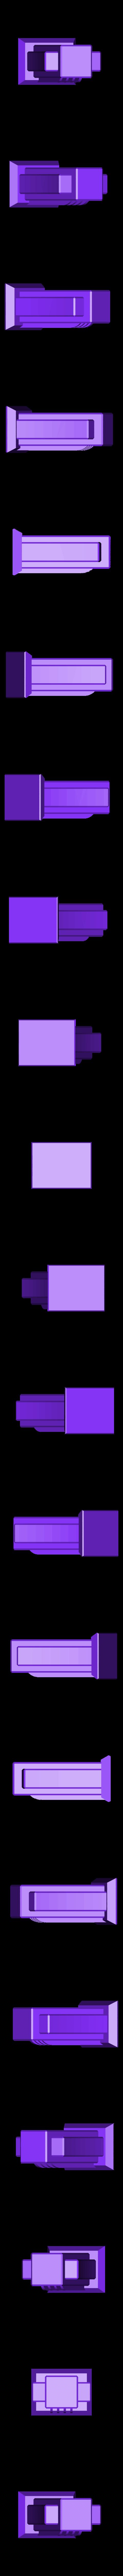 Trophy Riser 1.stl Télécharger fichier STL gratuit Trophée Riser 1 • Design pour impression 3D, 3DBuilder